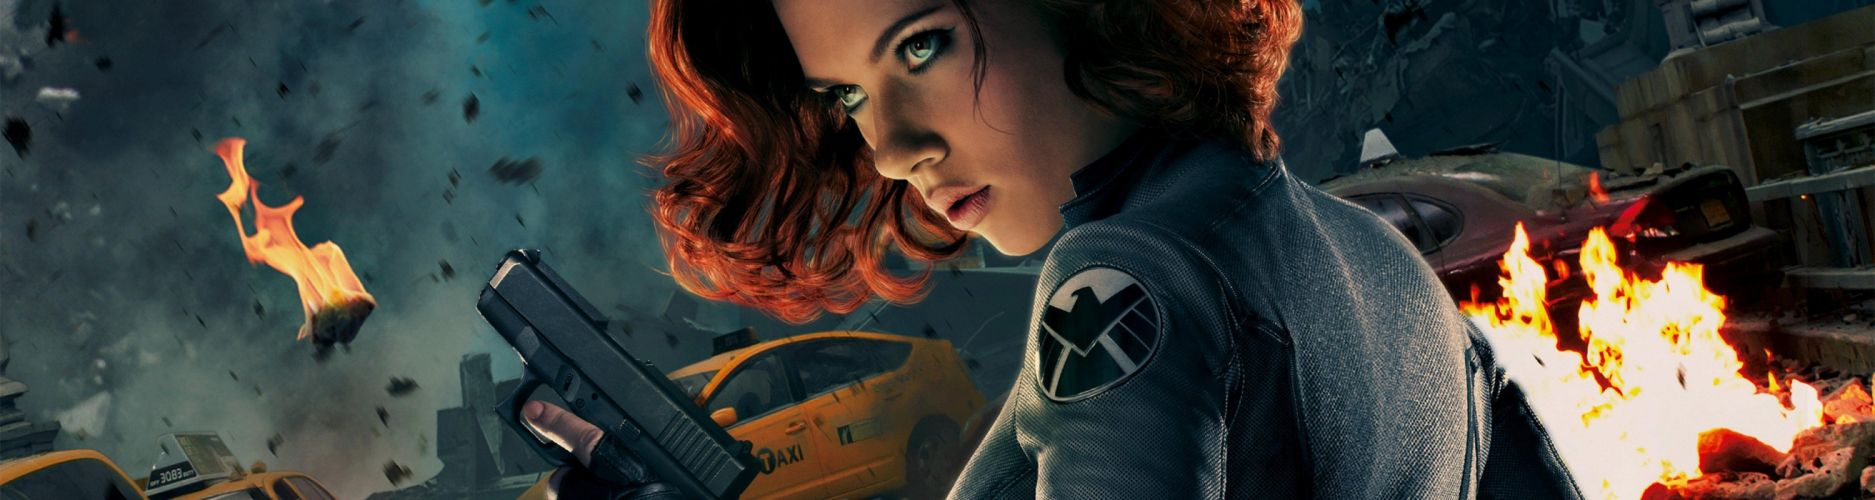 Scarlett Johansson guns movies redheads Black Widow short hair taxi debris The Avengers (movie) wallpaper